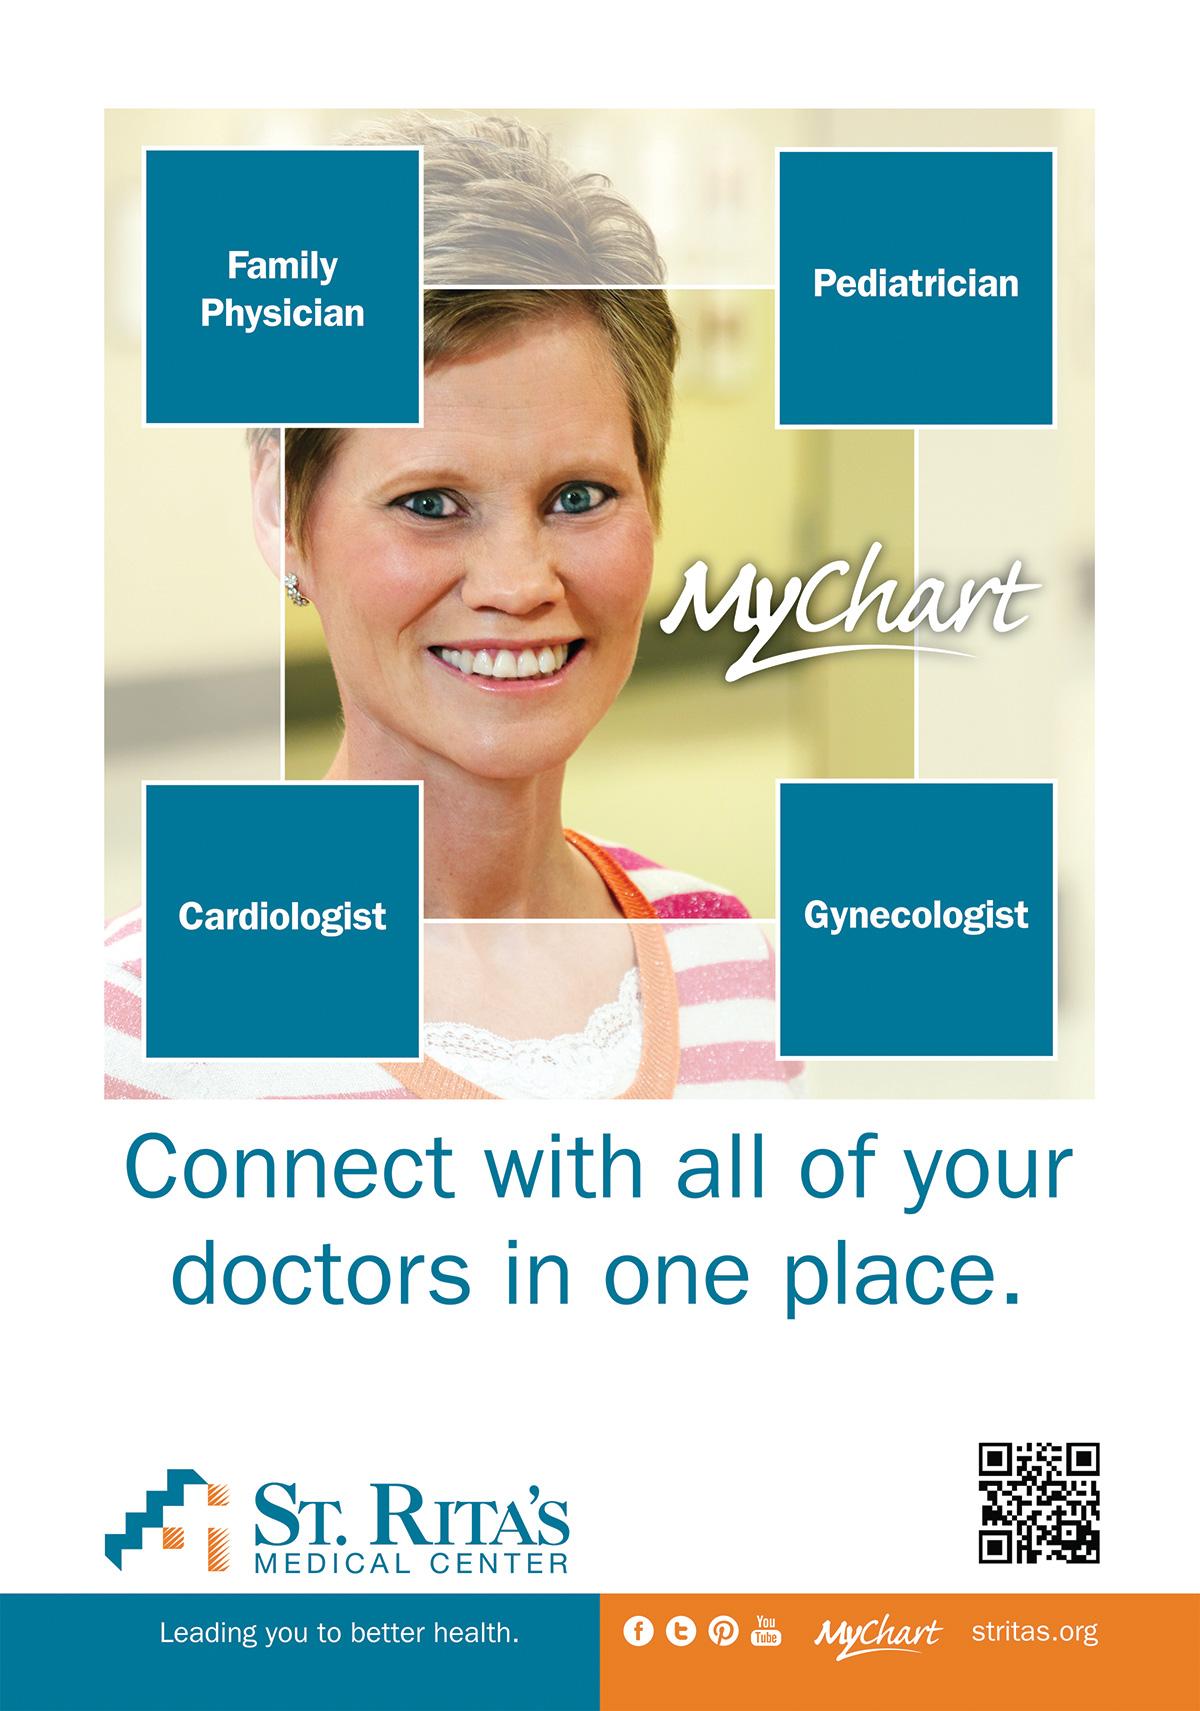 MyChart Bus Shelter Signage